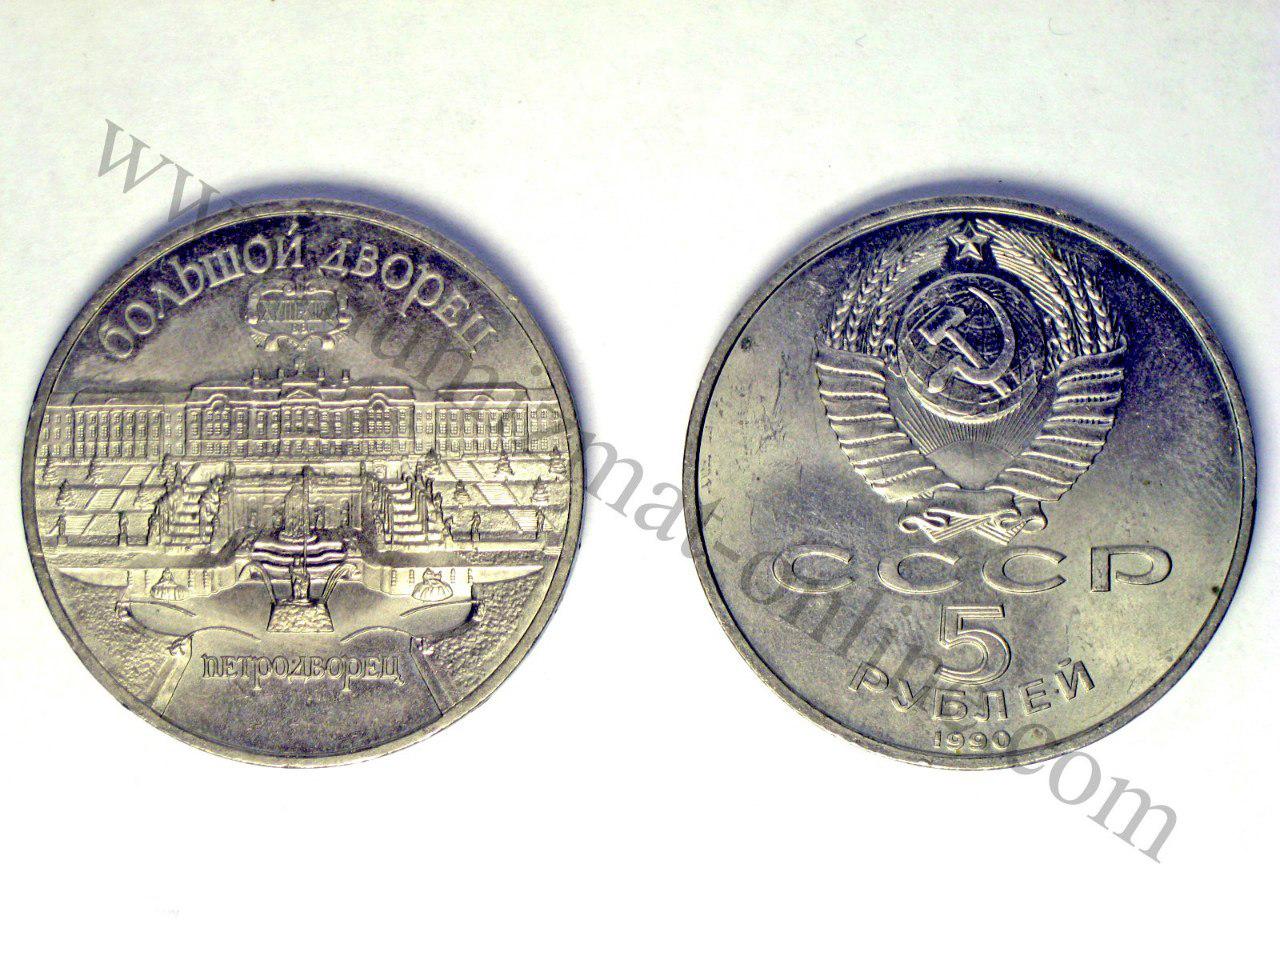 1990 (5 рублей) Большой дворец